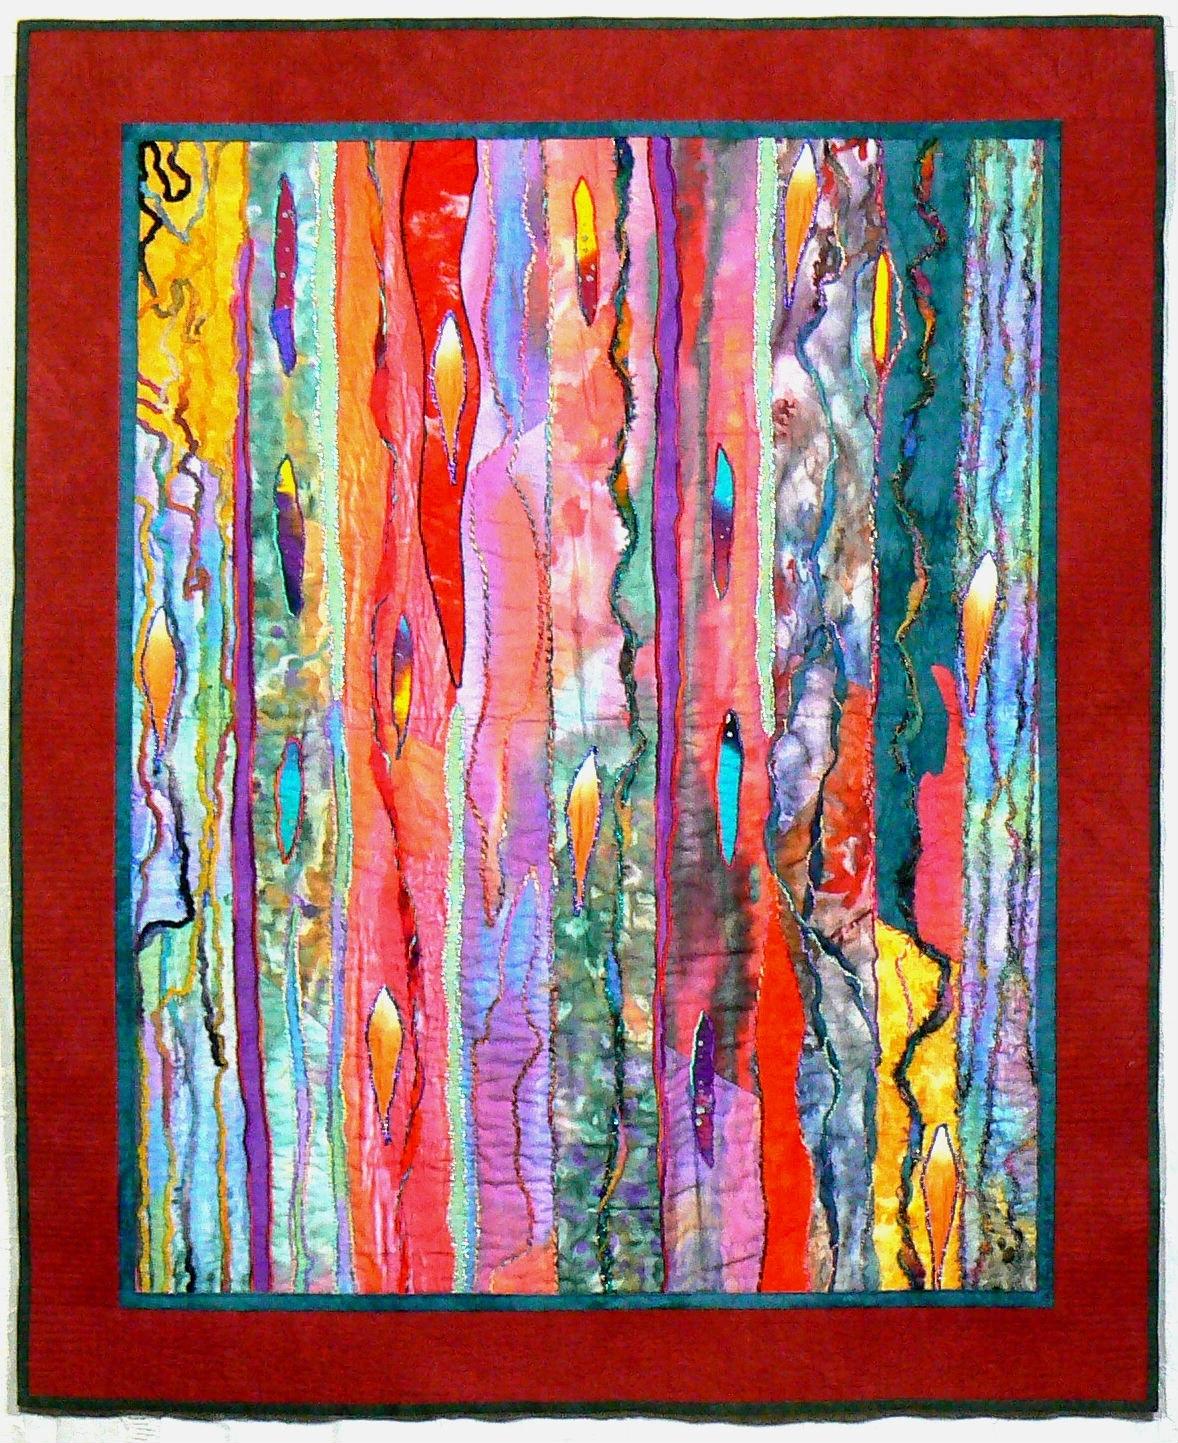 Fiber Art Quilt, Art Wall Hanging, Contemporary Quilt, Modern Art throughout Most Popular Quilt Fabric Wall Art